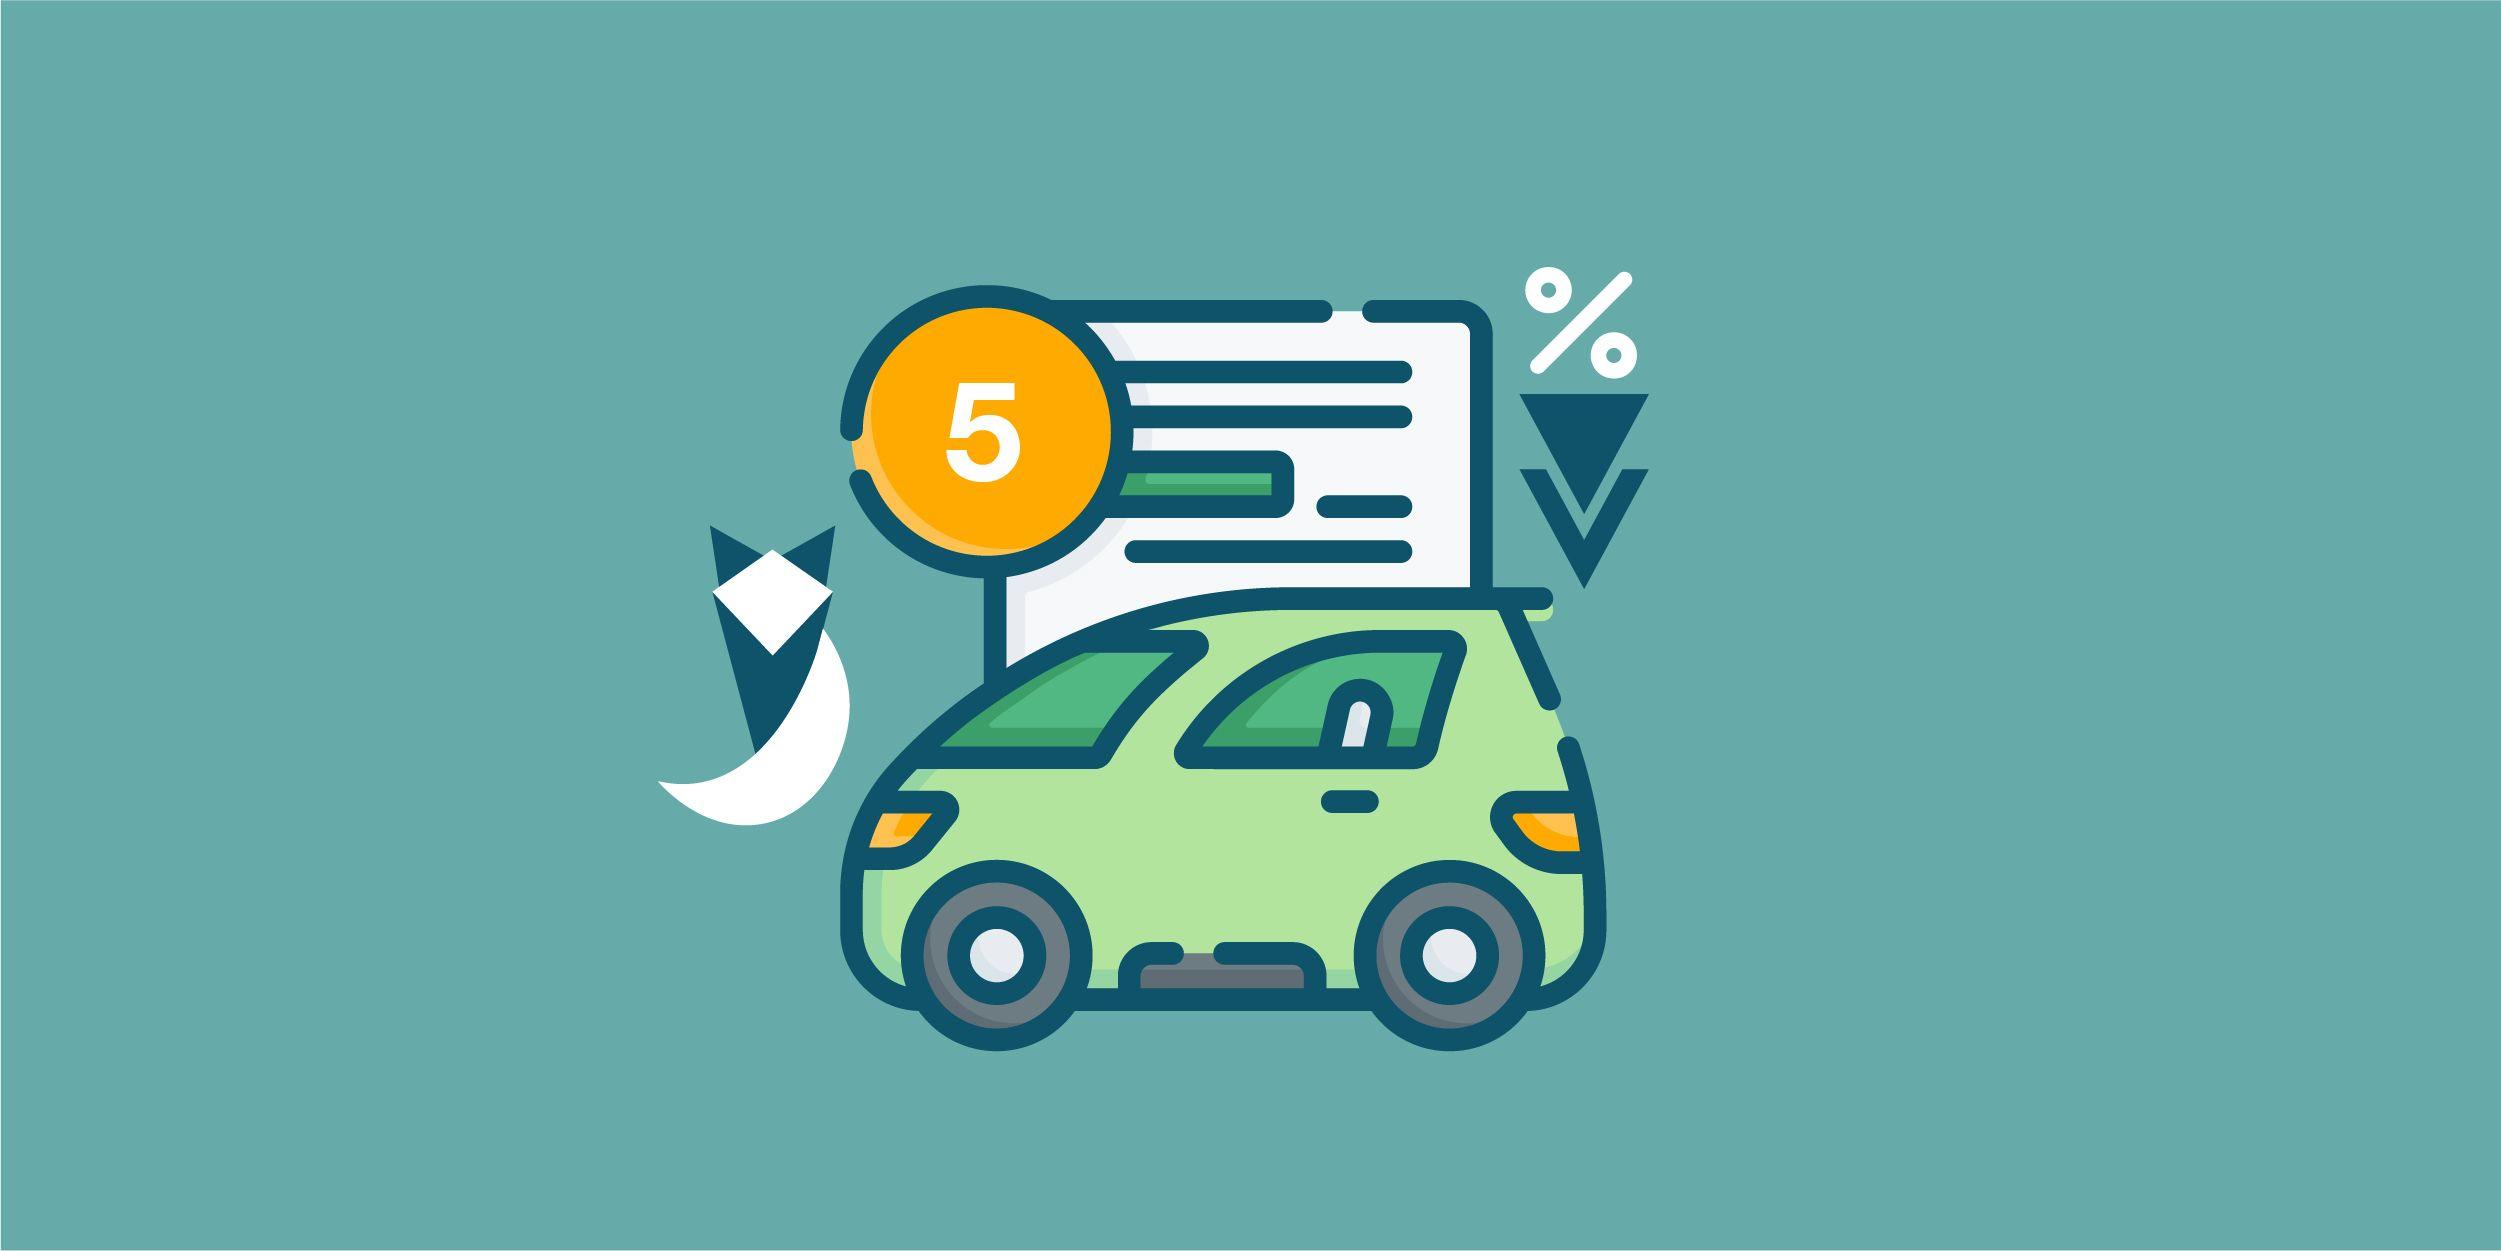 'أفضل 5 قروض سيارات جديدة في البنوك في سبتمبر 2021